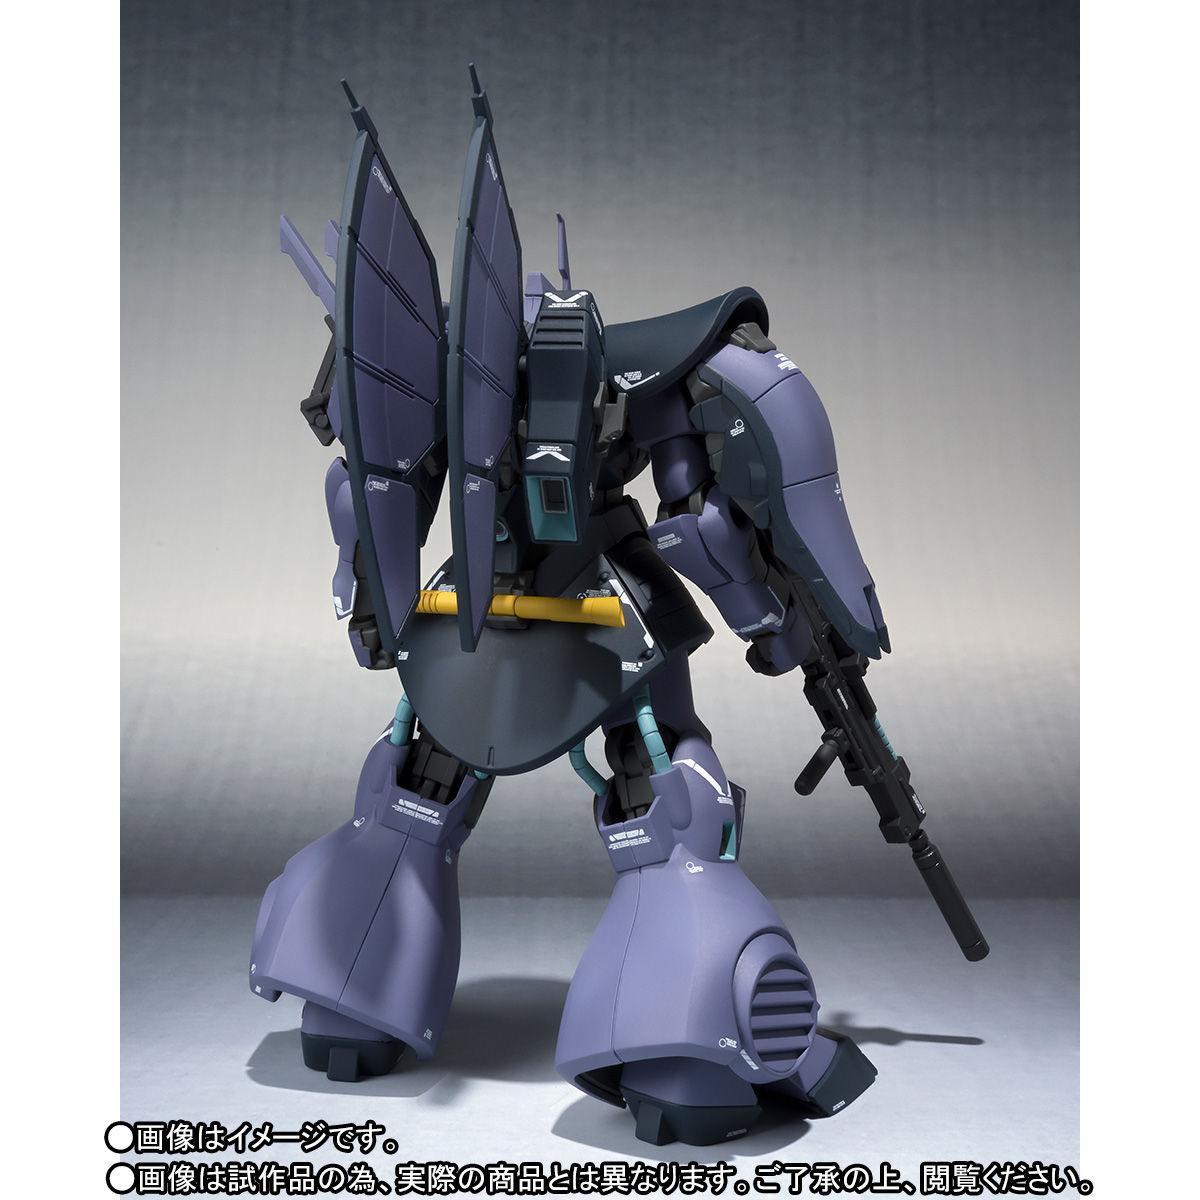 ROBOT魂(Ka signature)〈SIDE MS〉『ディジェ(ナラティブVer.)』機動戦士ガンダムNT 可動フィギュア-004